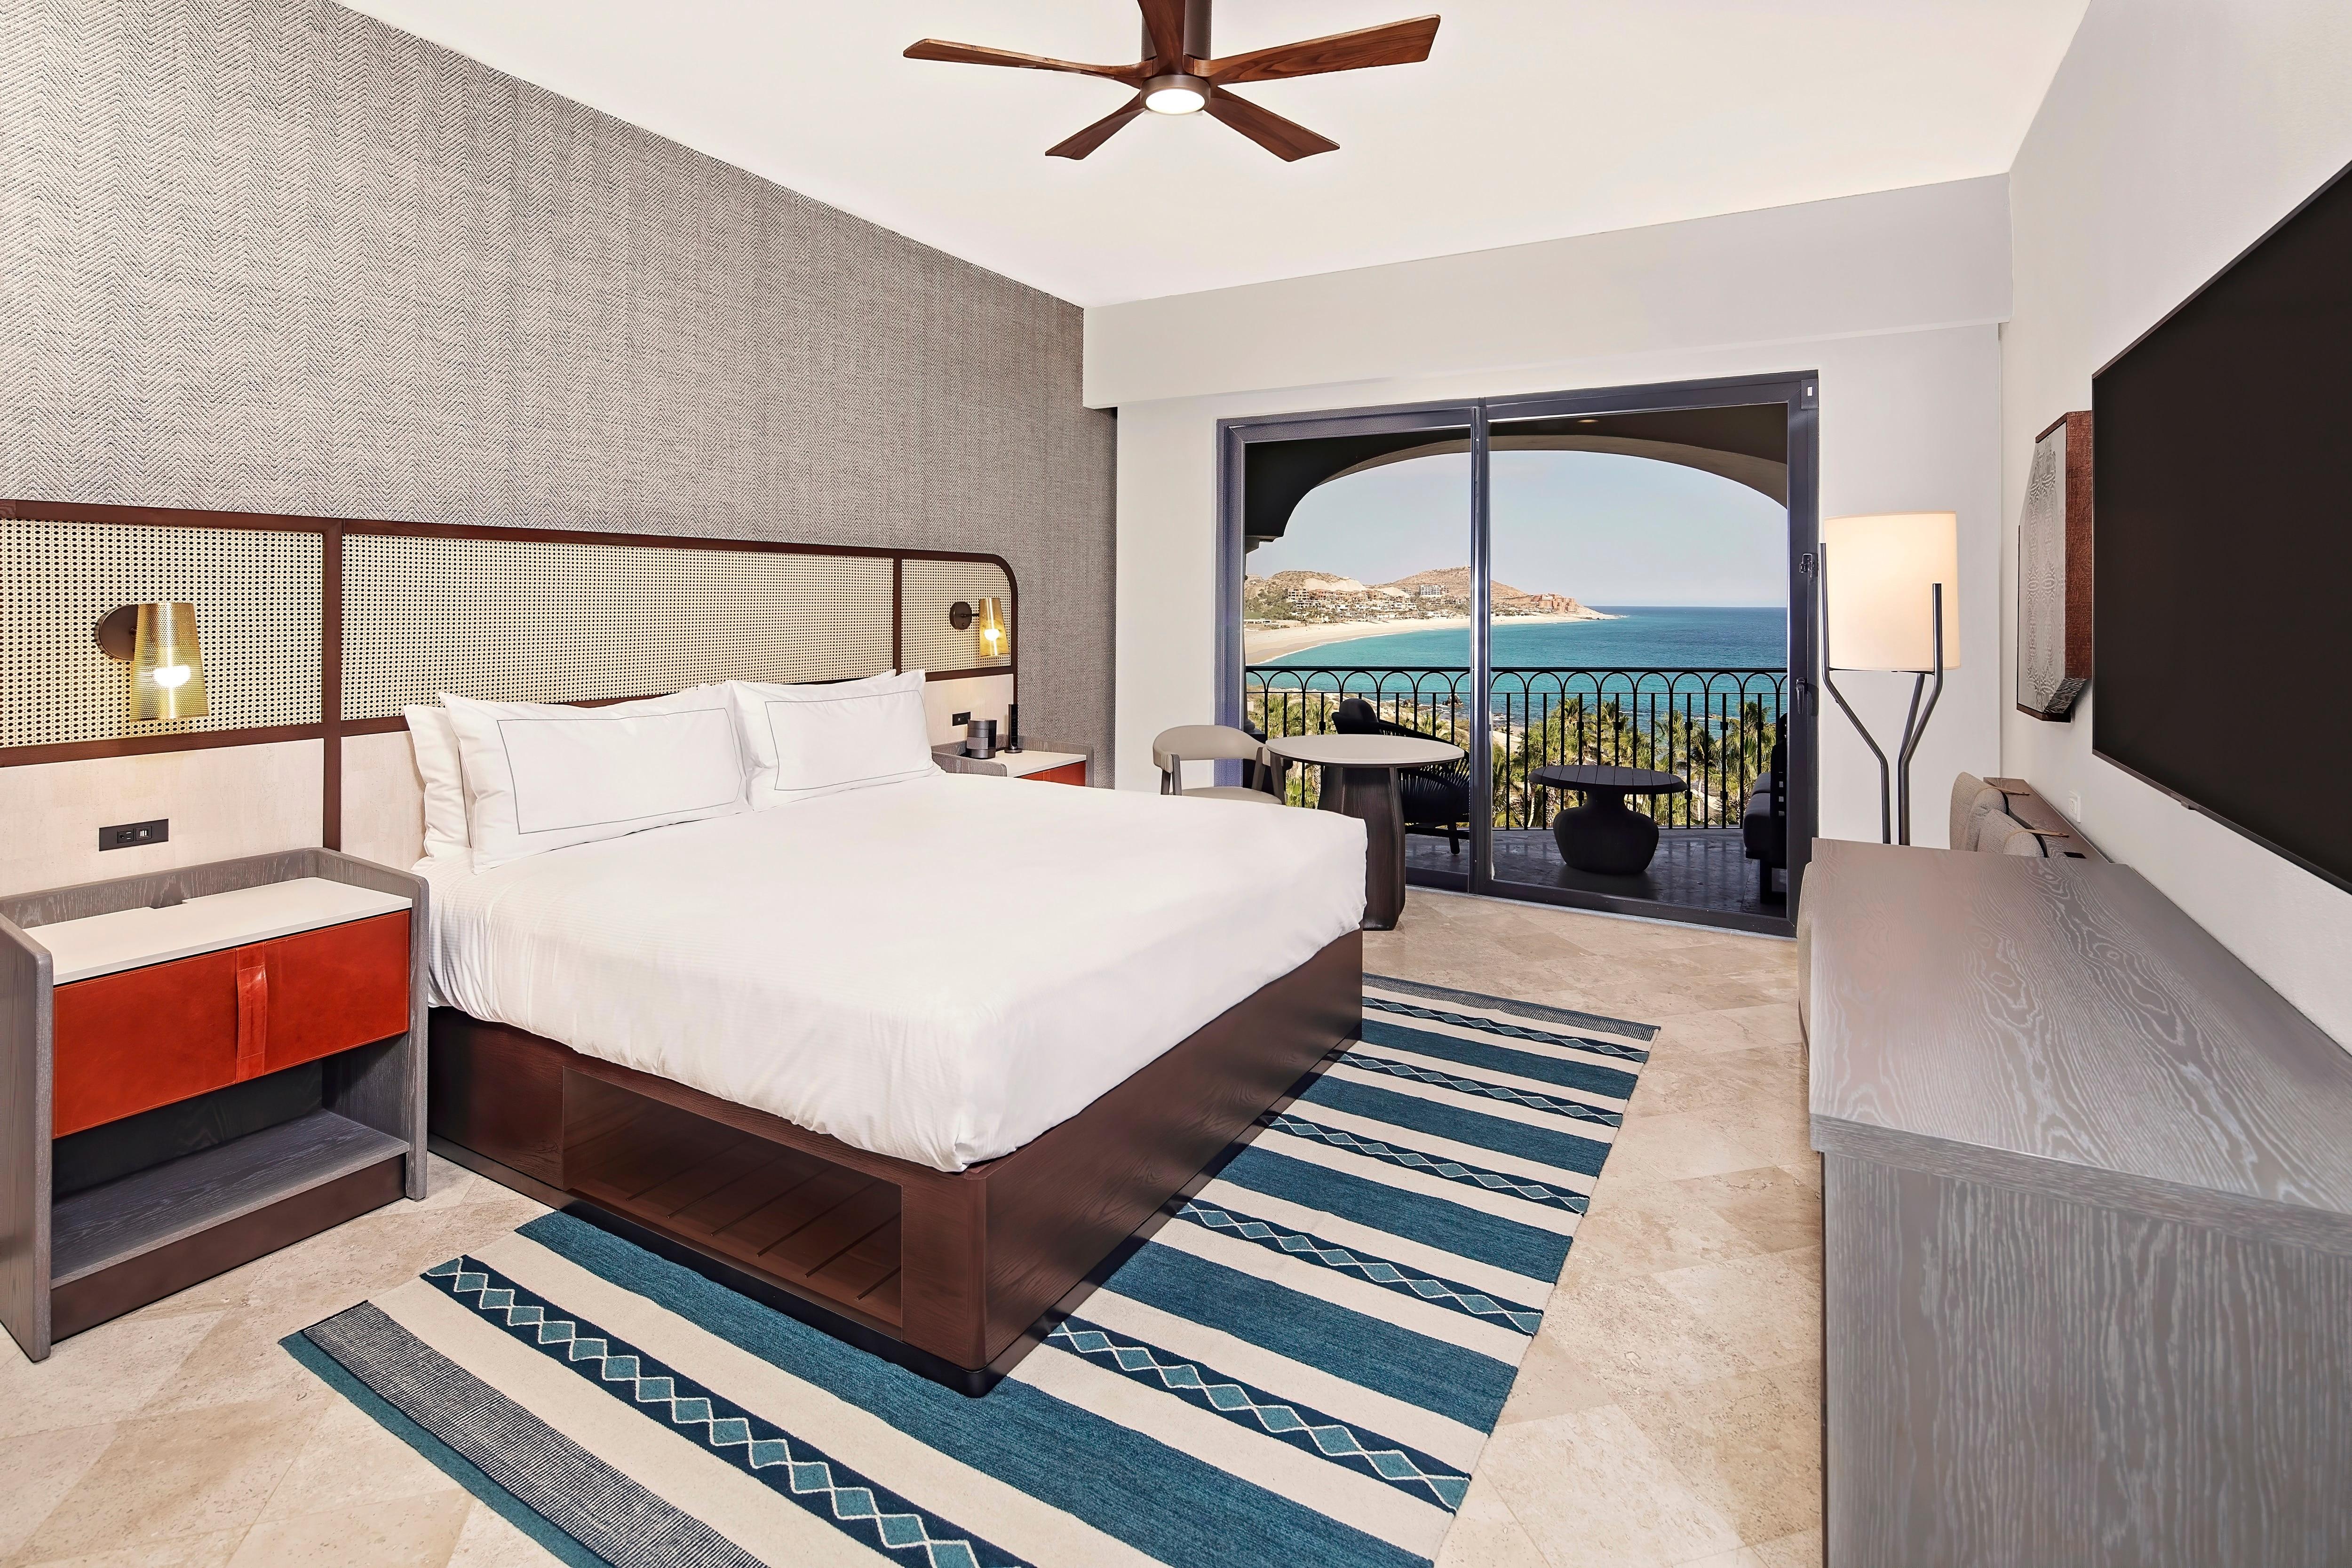 A Model suite at La Pacifica Los Cabos by Hilton Club in Los Cabos, Mexico.